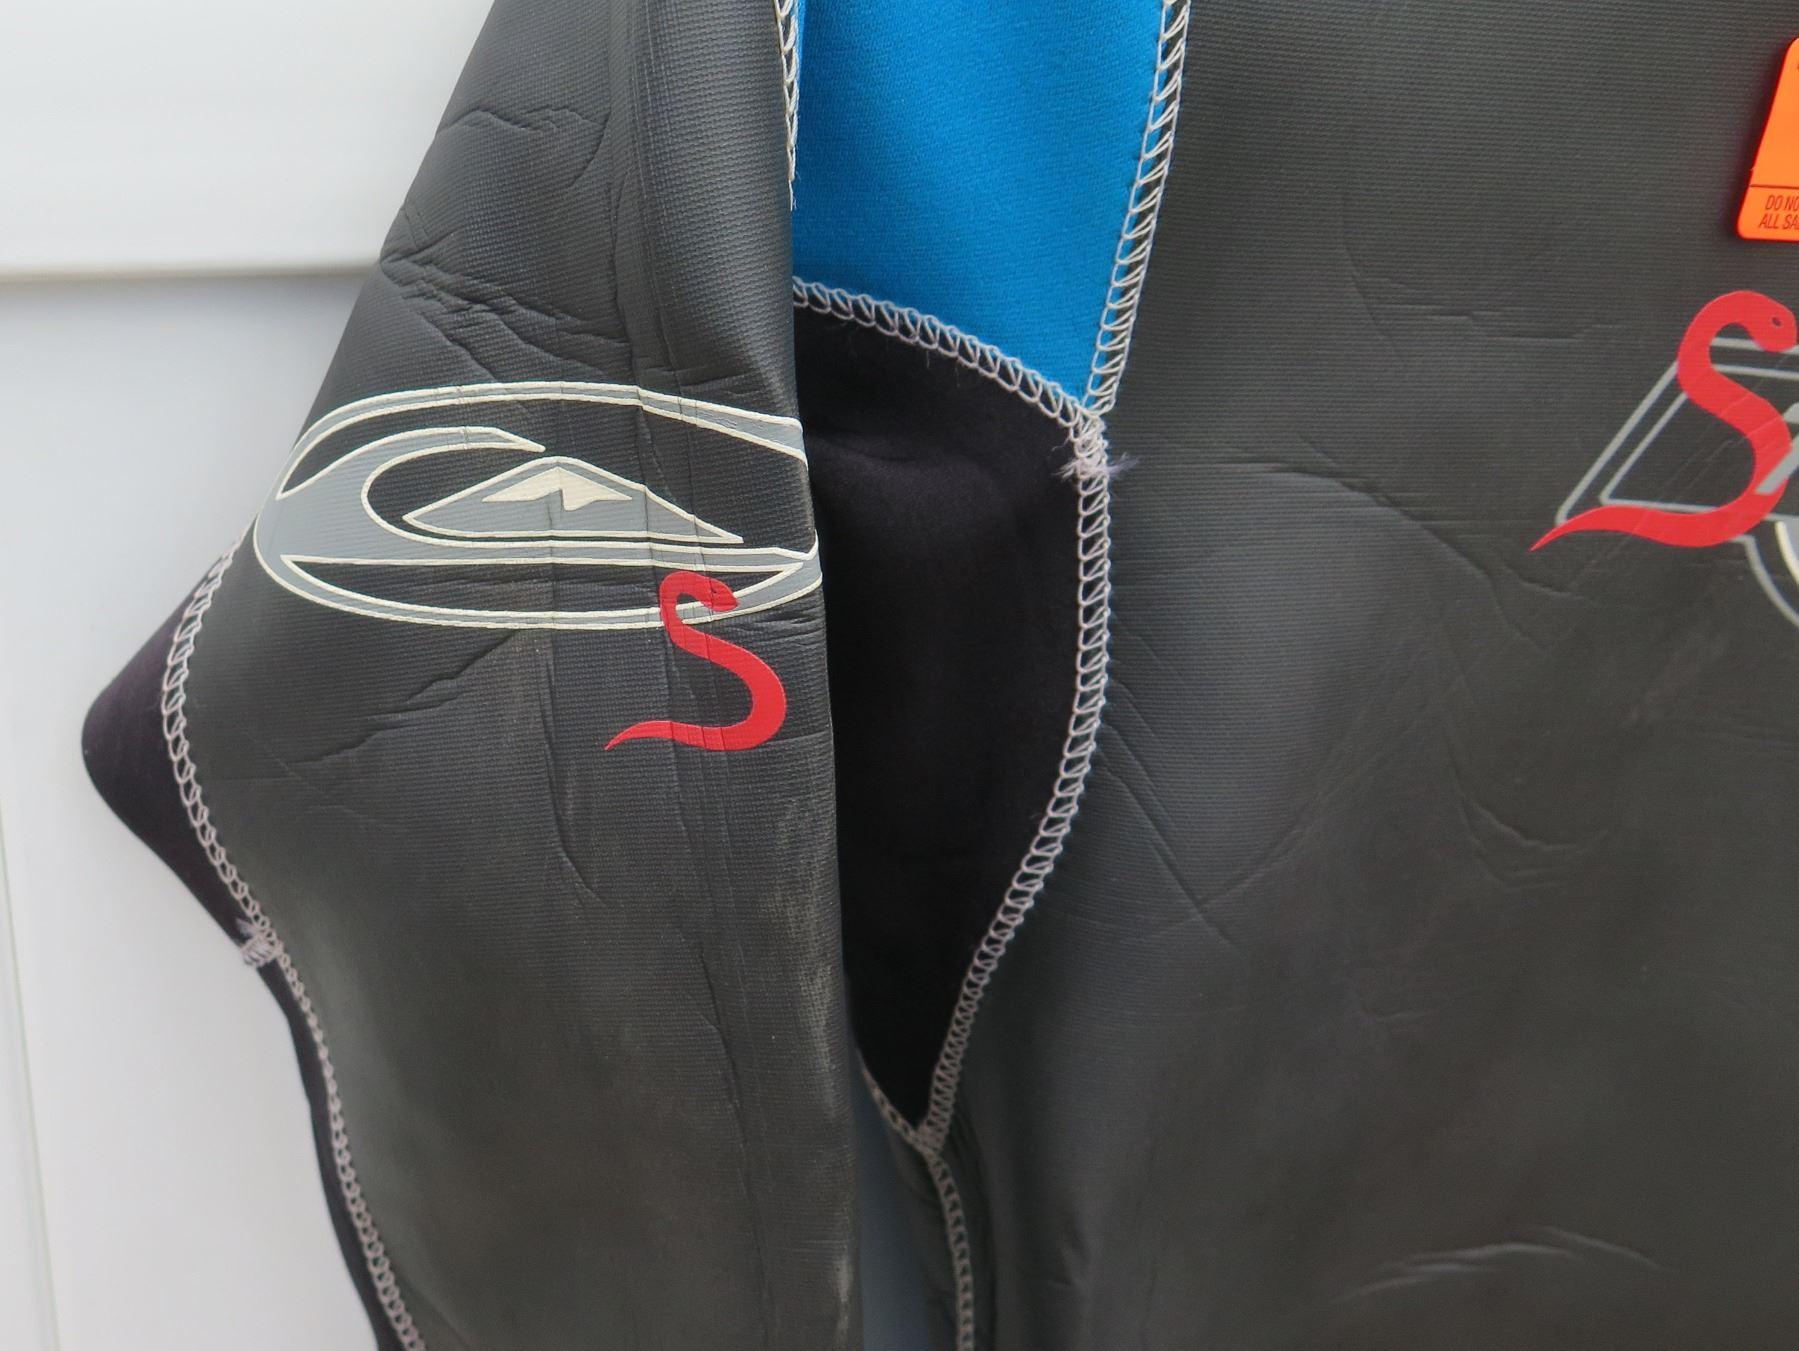 c9a4f557bb ... Image 4   Wetsuit - Mens Quiksilver Stormproof Wet Suit size M ...